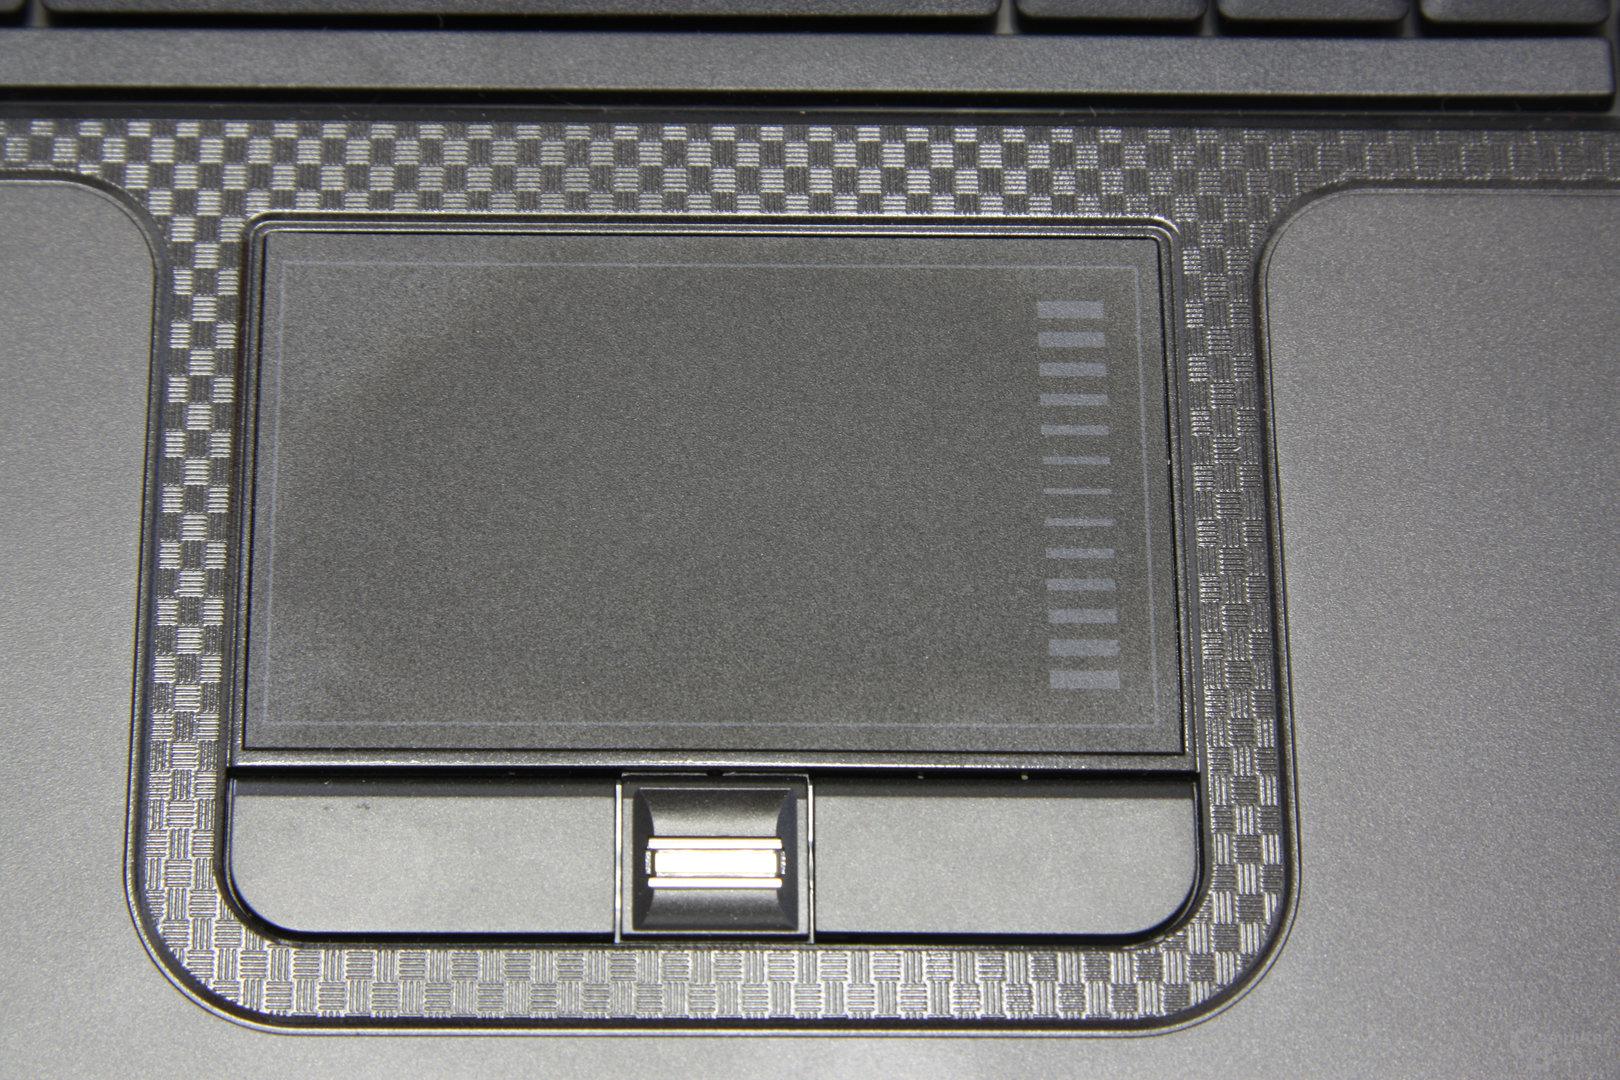 Schenker XMG7 Touchpad